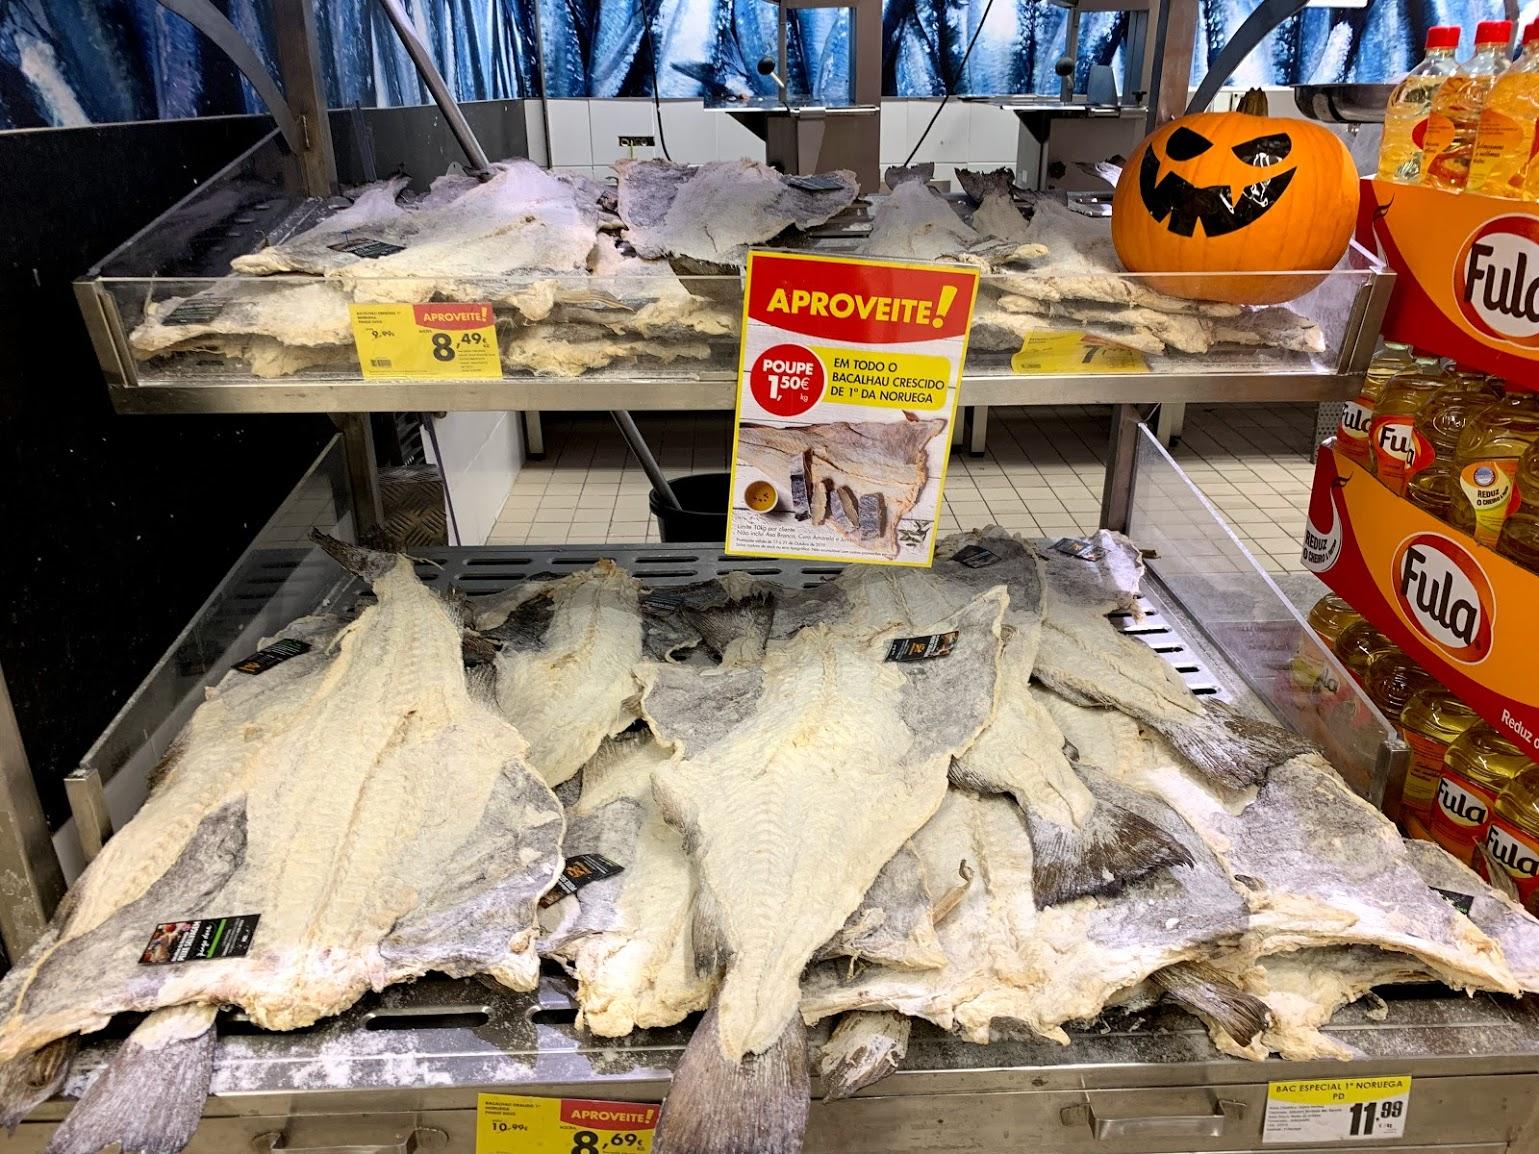 塩漬けだから常温保存OK!ポルトガルのスーパーで山積みのバカリャウ!